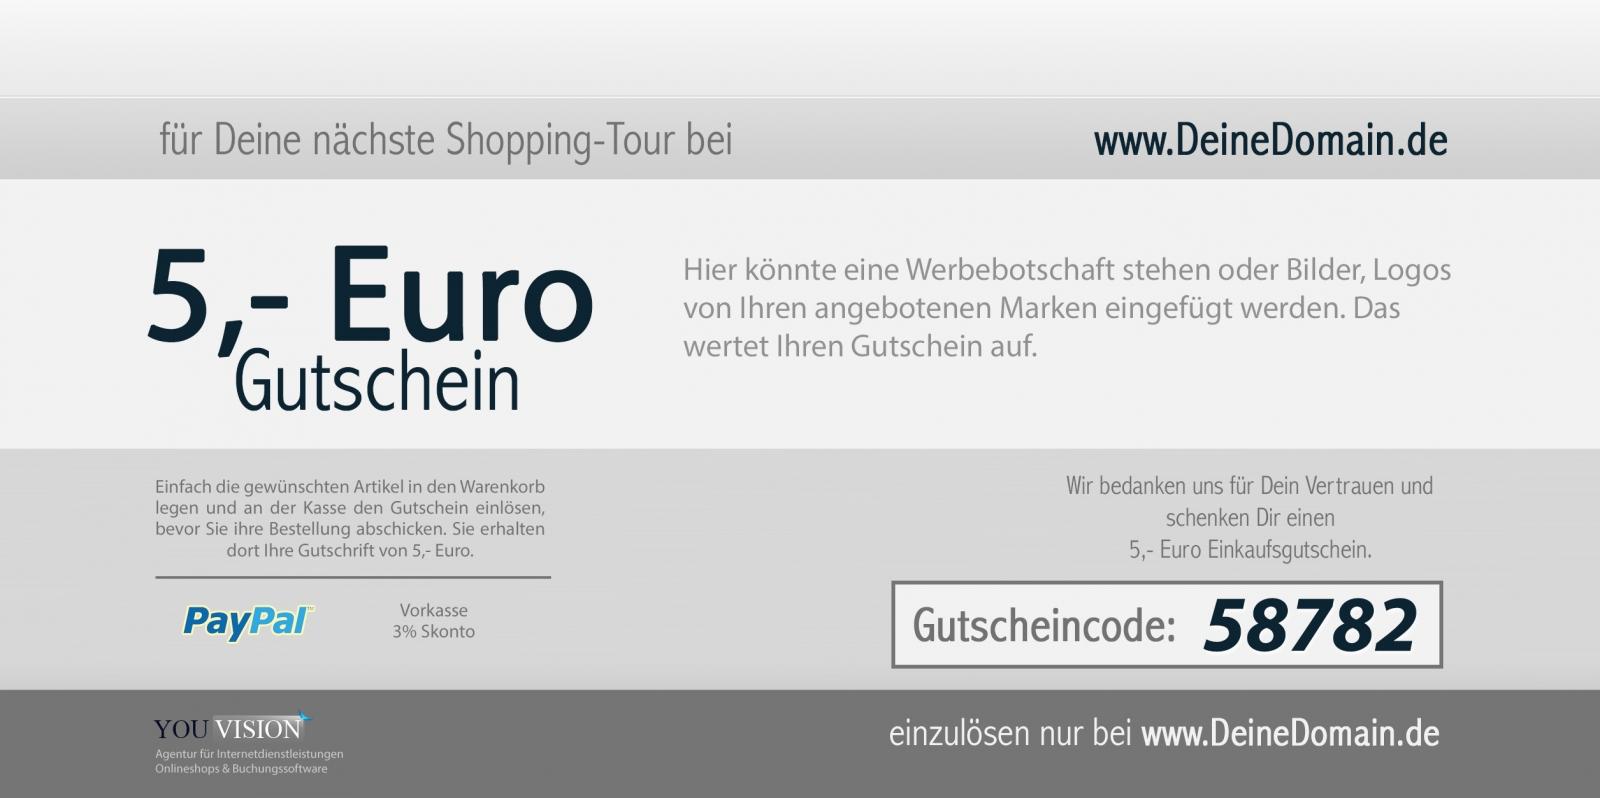 Nett Gutschein Vorlage Photoshop Zeitgenössisch - Entry Level Resume ...